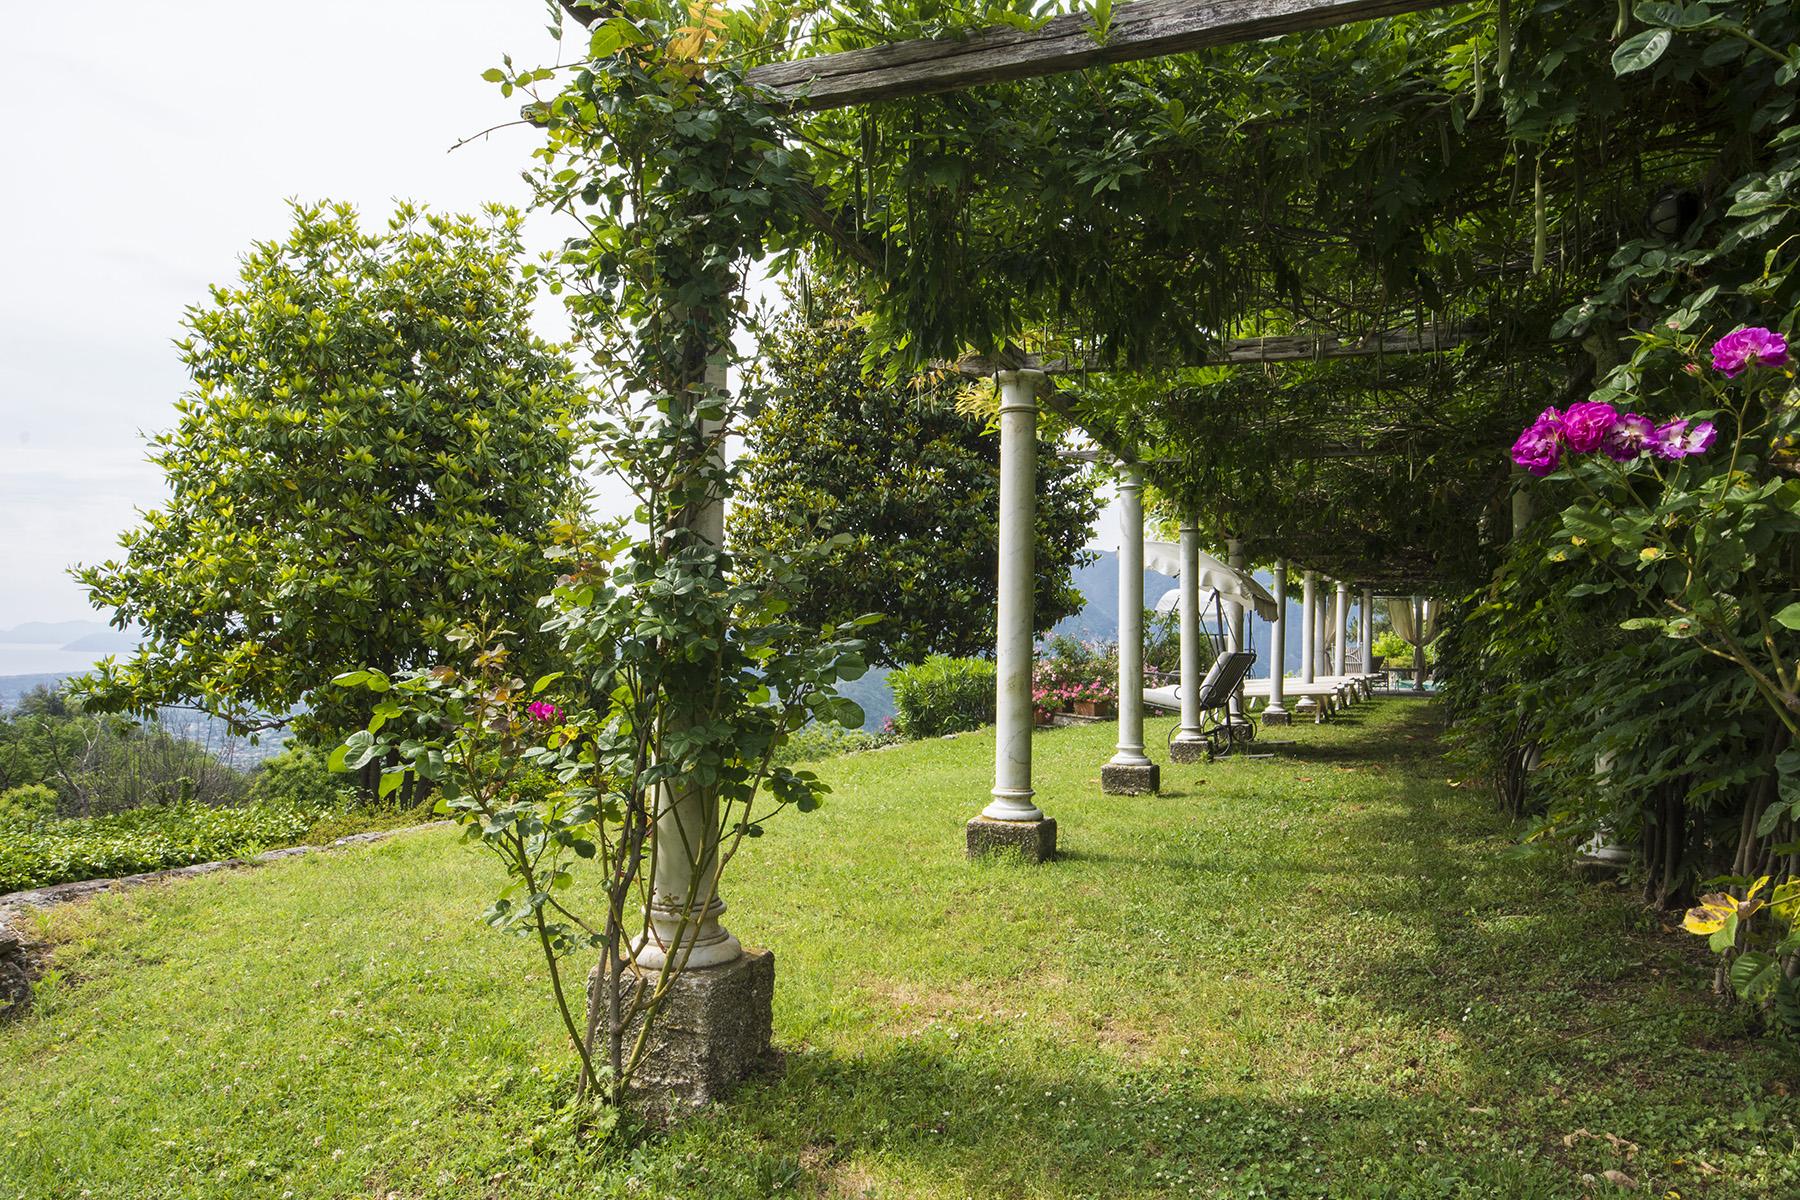 Rustico in Vendita a Pietrasanta: 5 locali, 263 mq - Foto 2